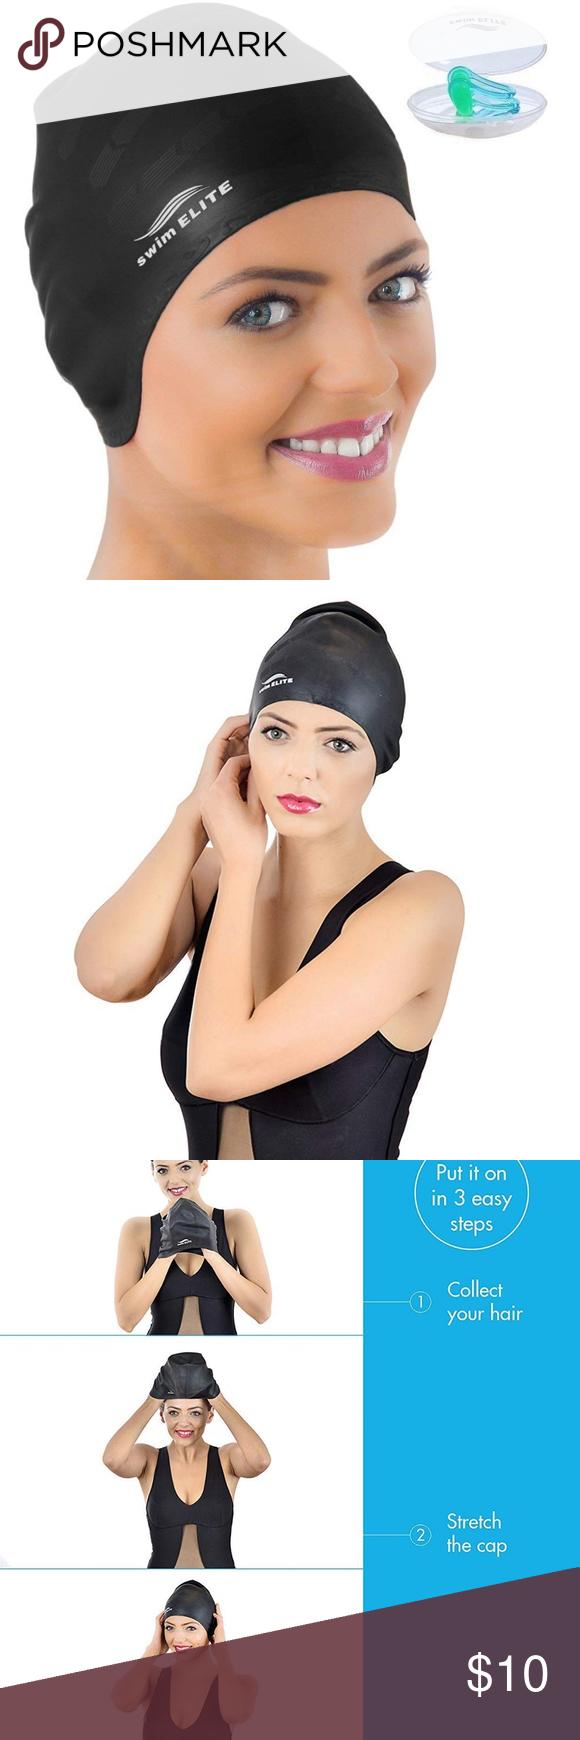 Swim Cap For Long Hair Or Women Men Black Swim Cap For Long Hair Silicone Swimcap For Long Hair Swimming Caps For W Long Hair Styles Women Fashion Tips